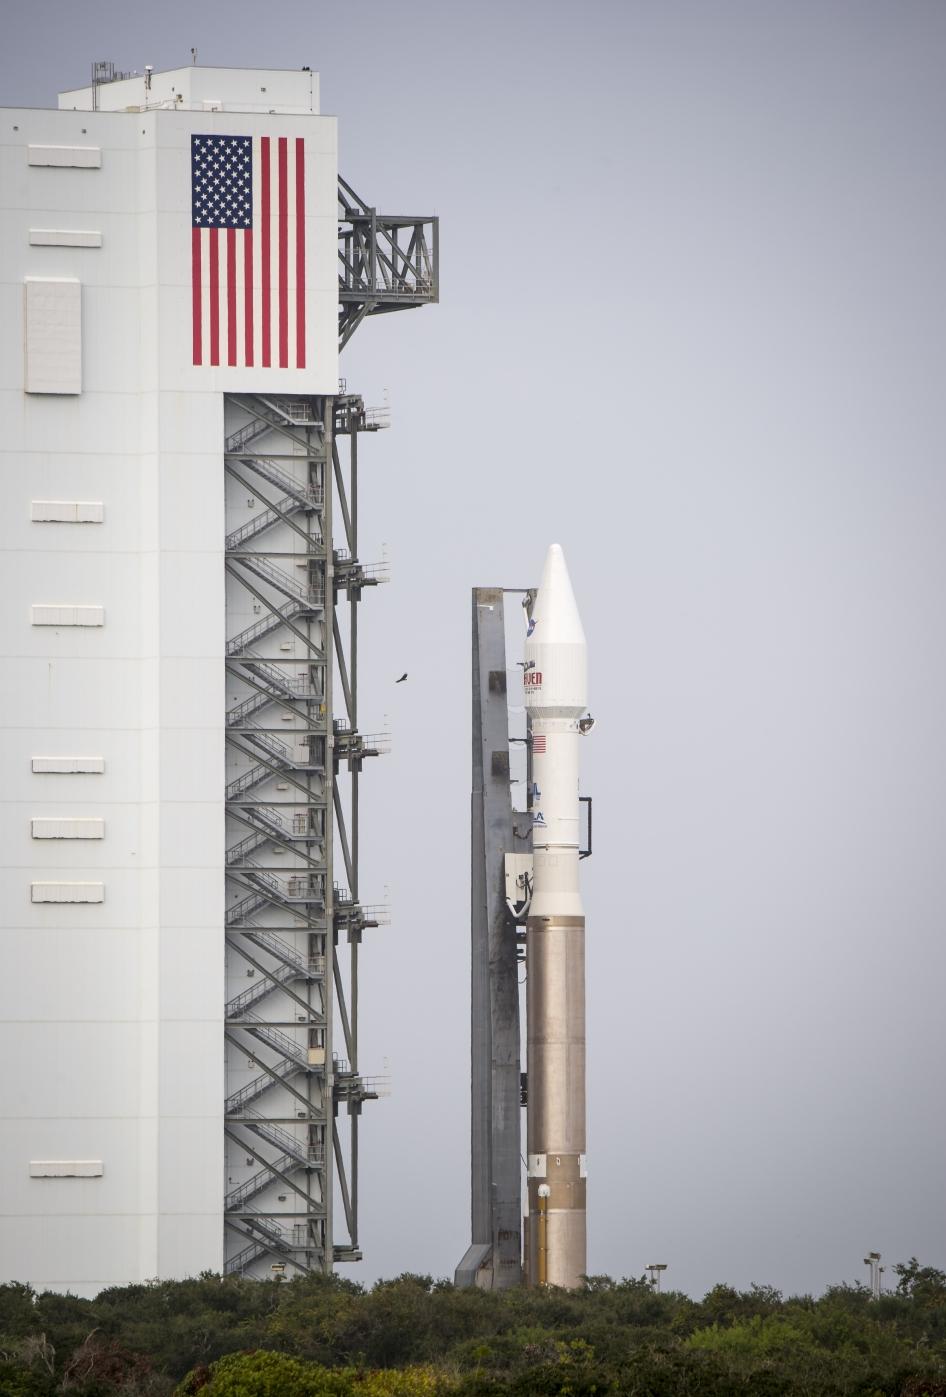 MAVEN at launch pad. Credit: NASA/Bill Ingalls